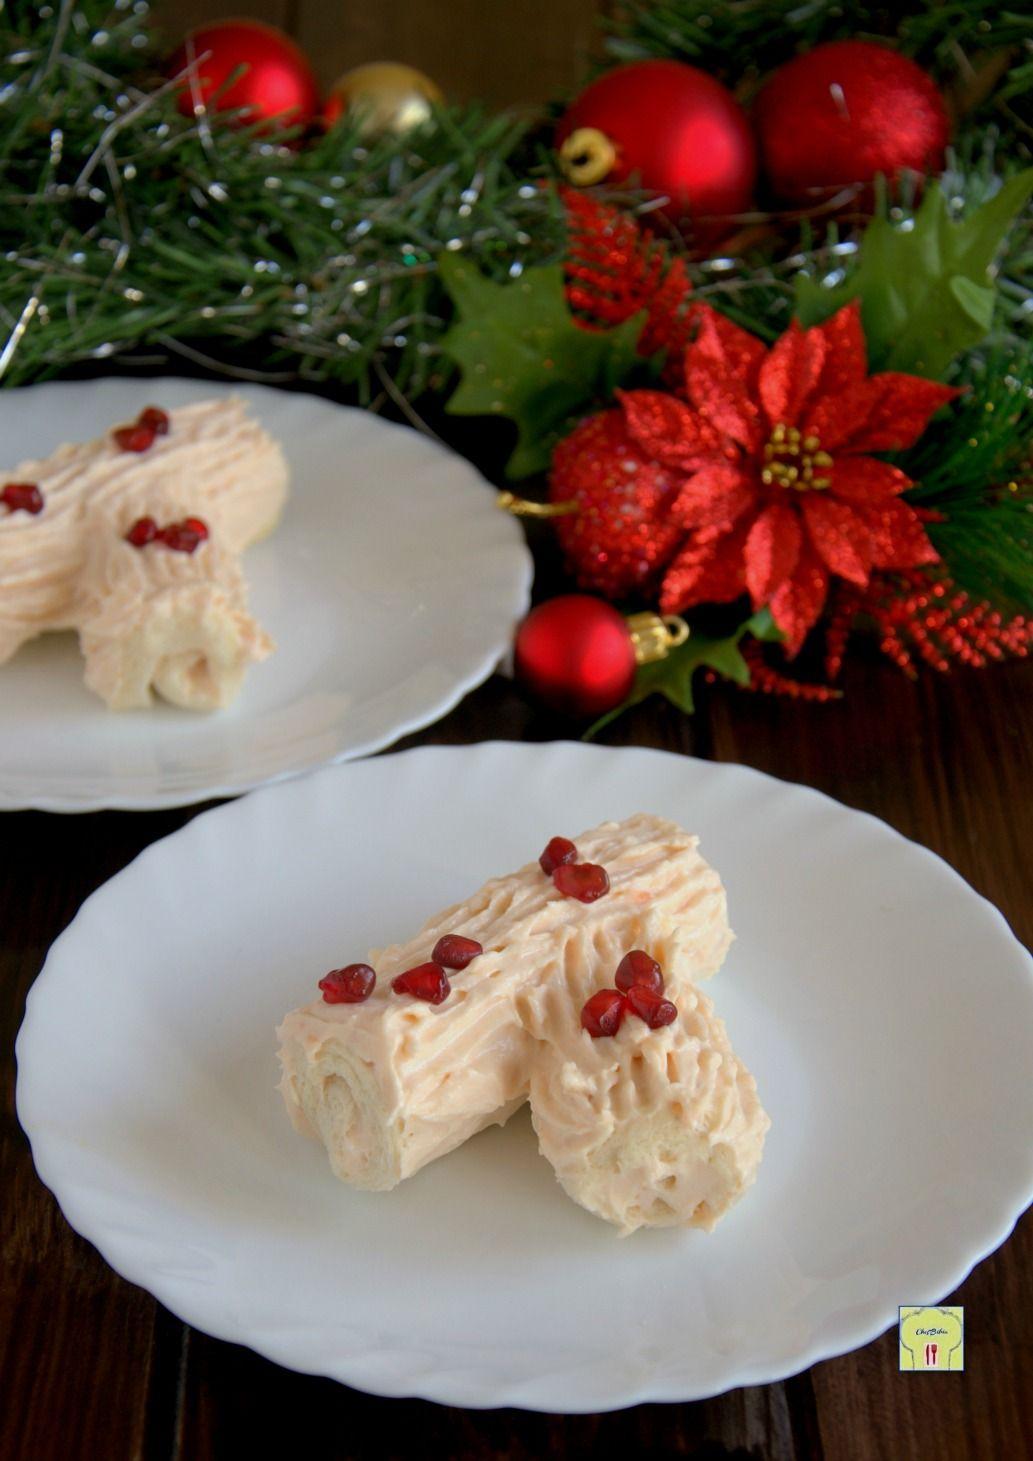 Antipasti Di Natale Monoporzione.Tronchetto Salato Al Salmone Monoporzione Ricette Per Natale